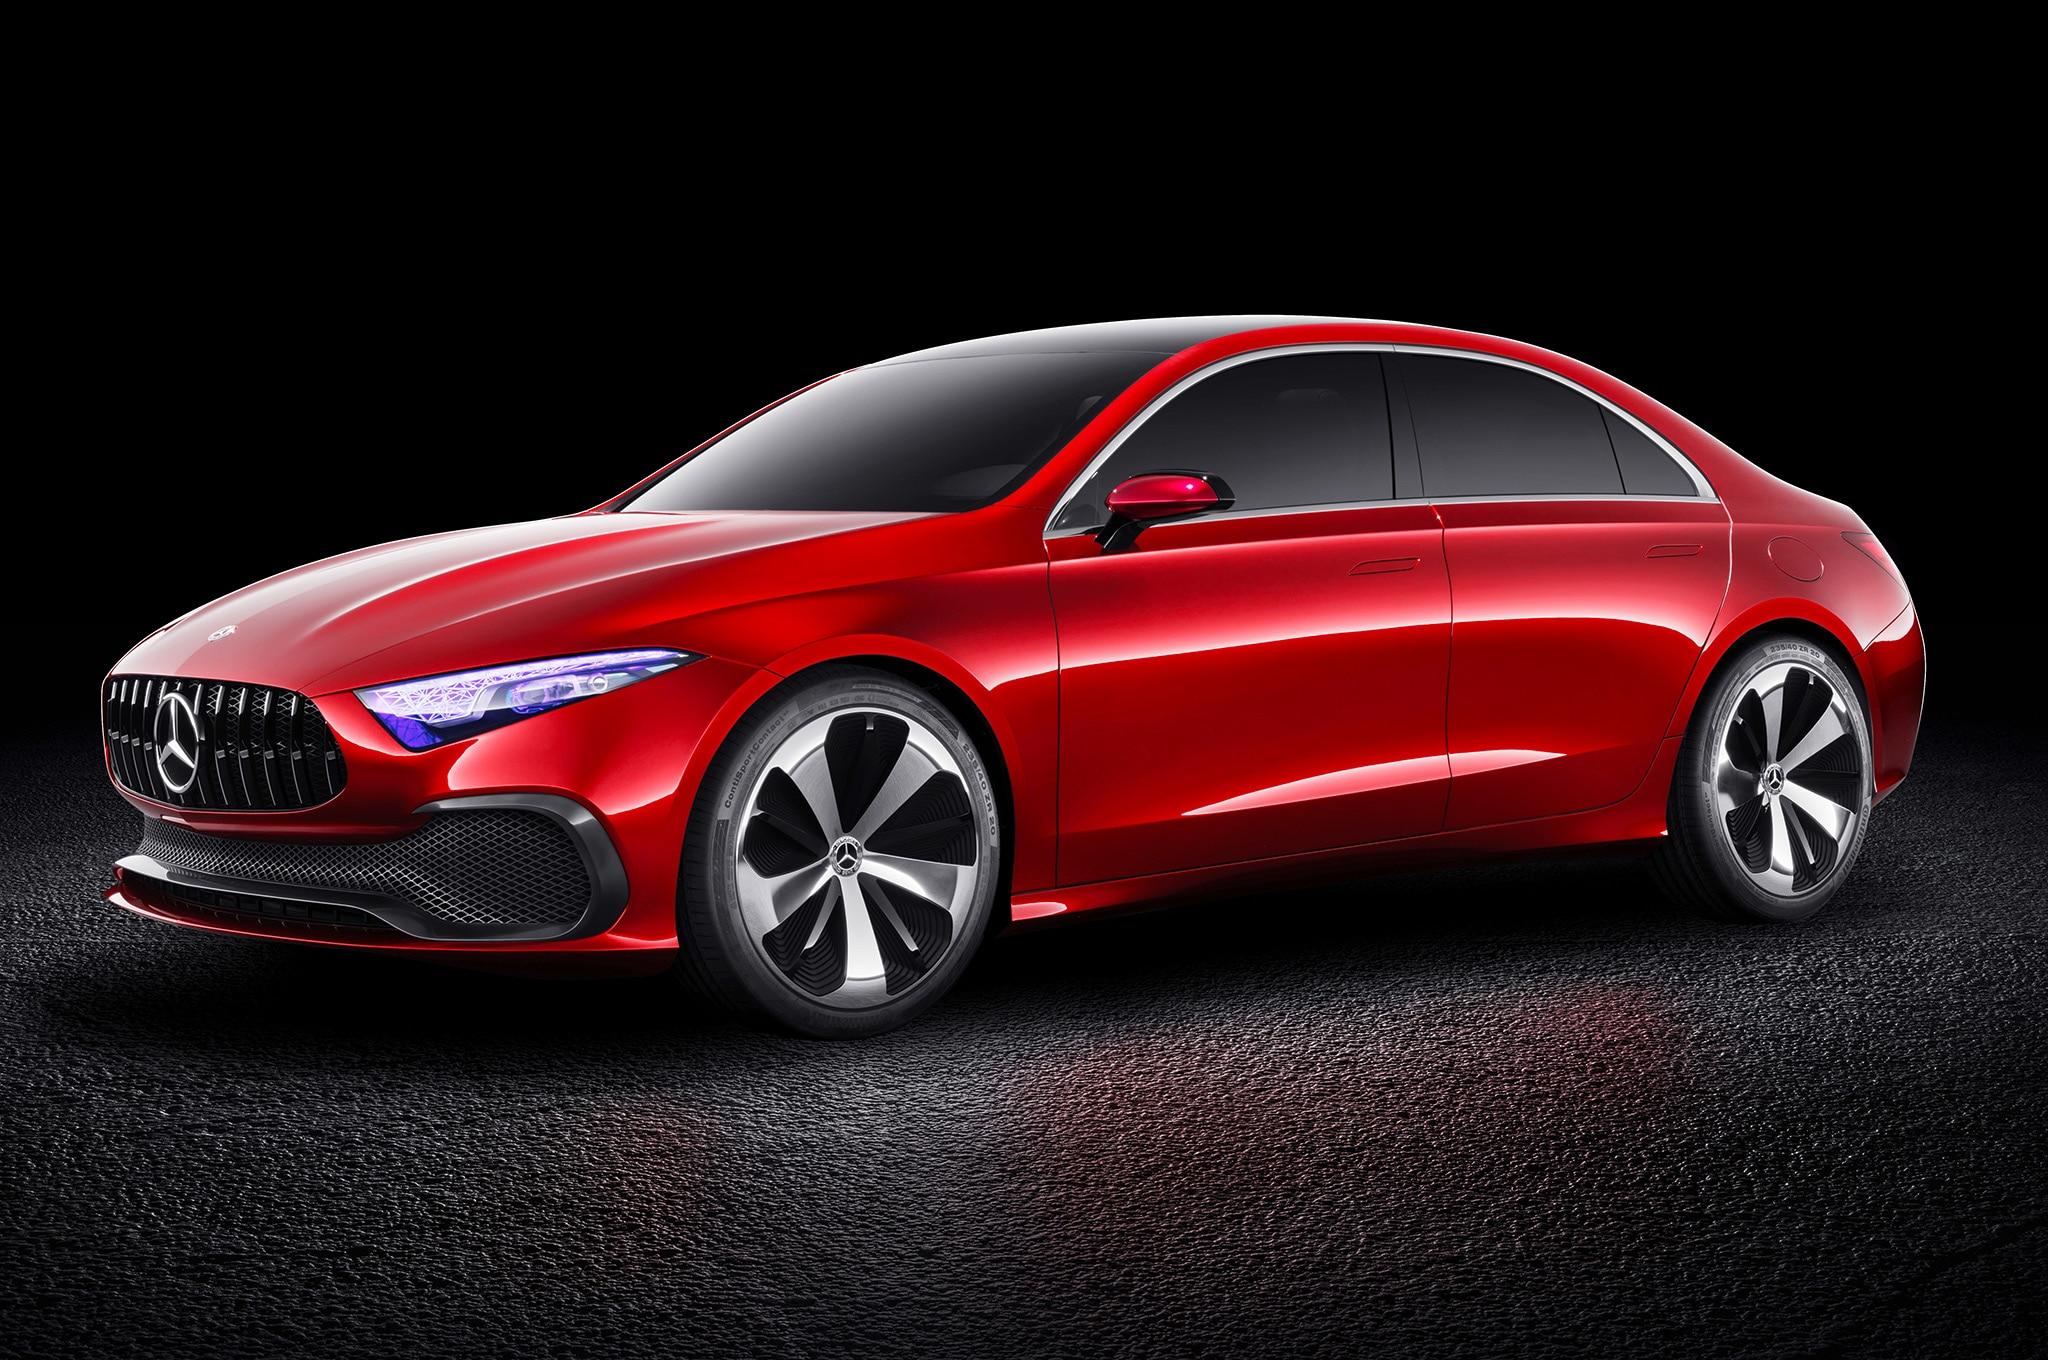 Mercedes Benz Concept A Sedan Previews Next Cla Automobile Magazine